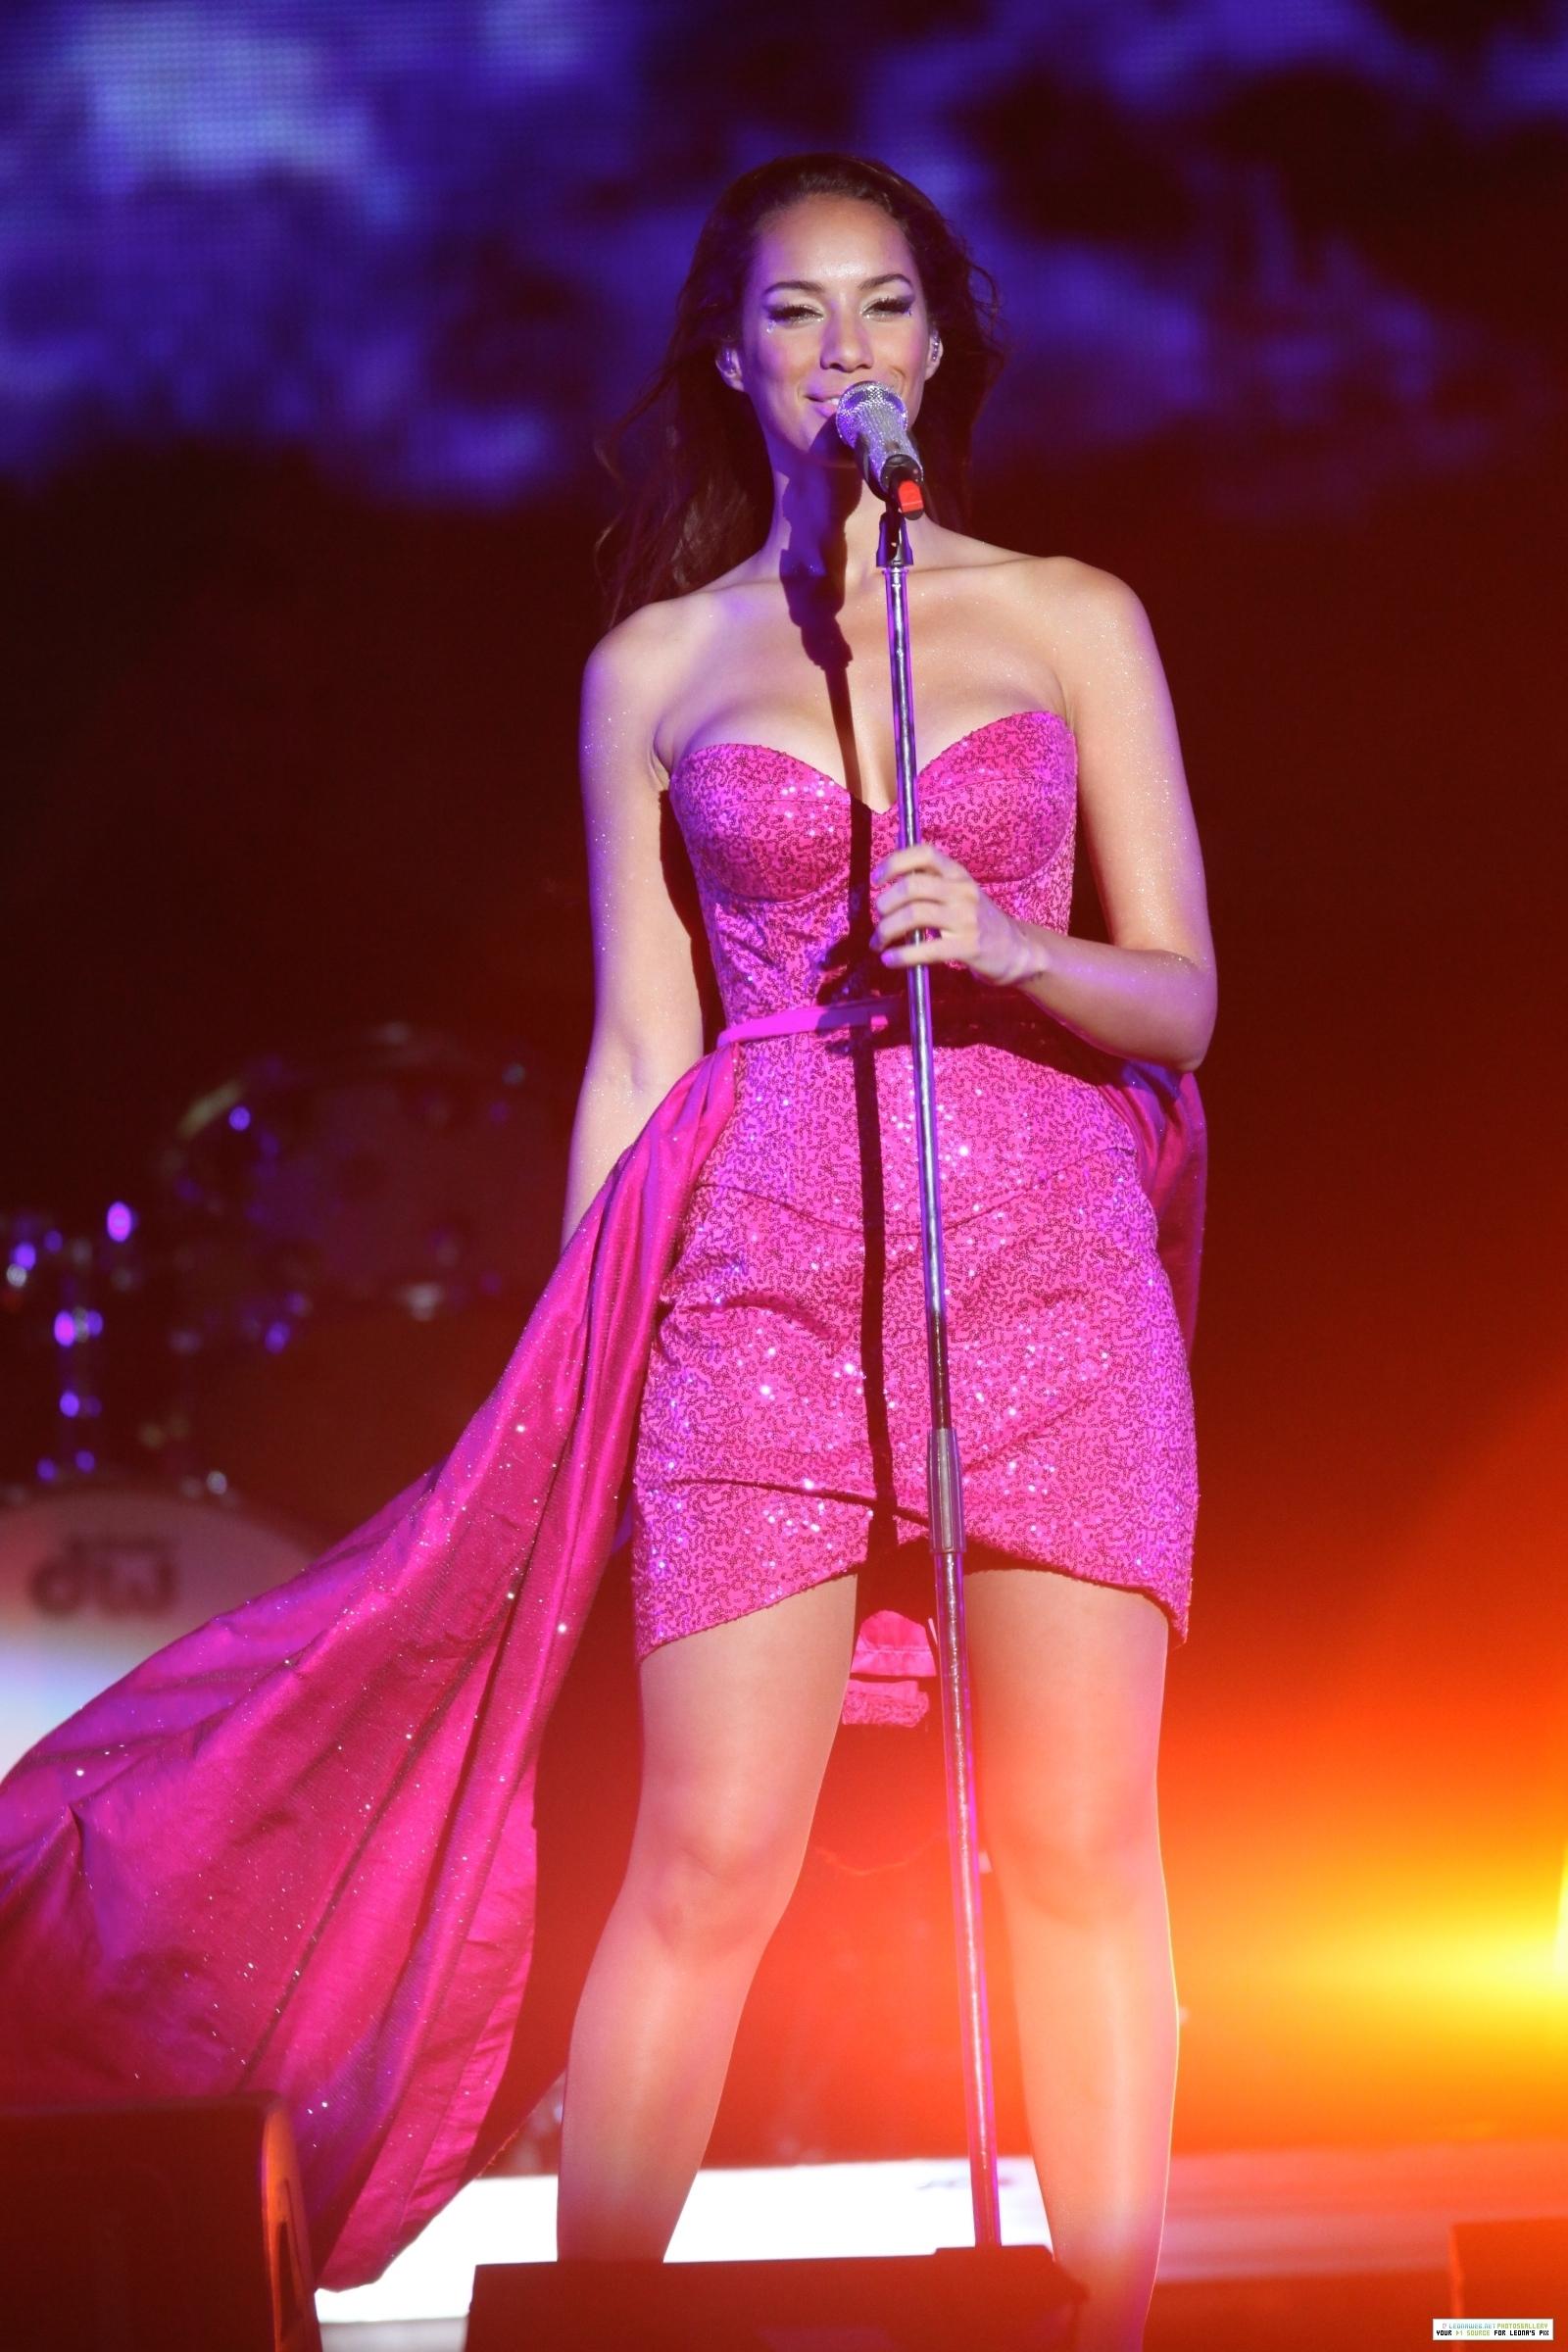 Leona @ OrangeDrive New Years Eve 音乐会 2011